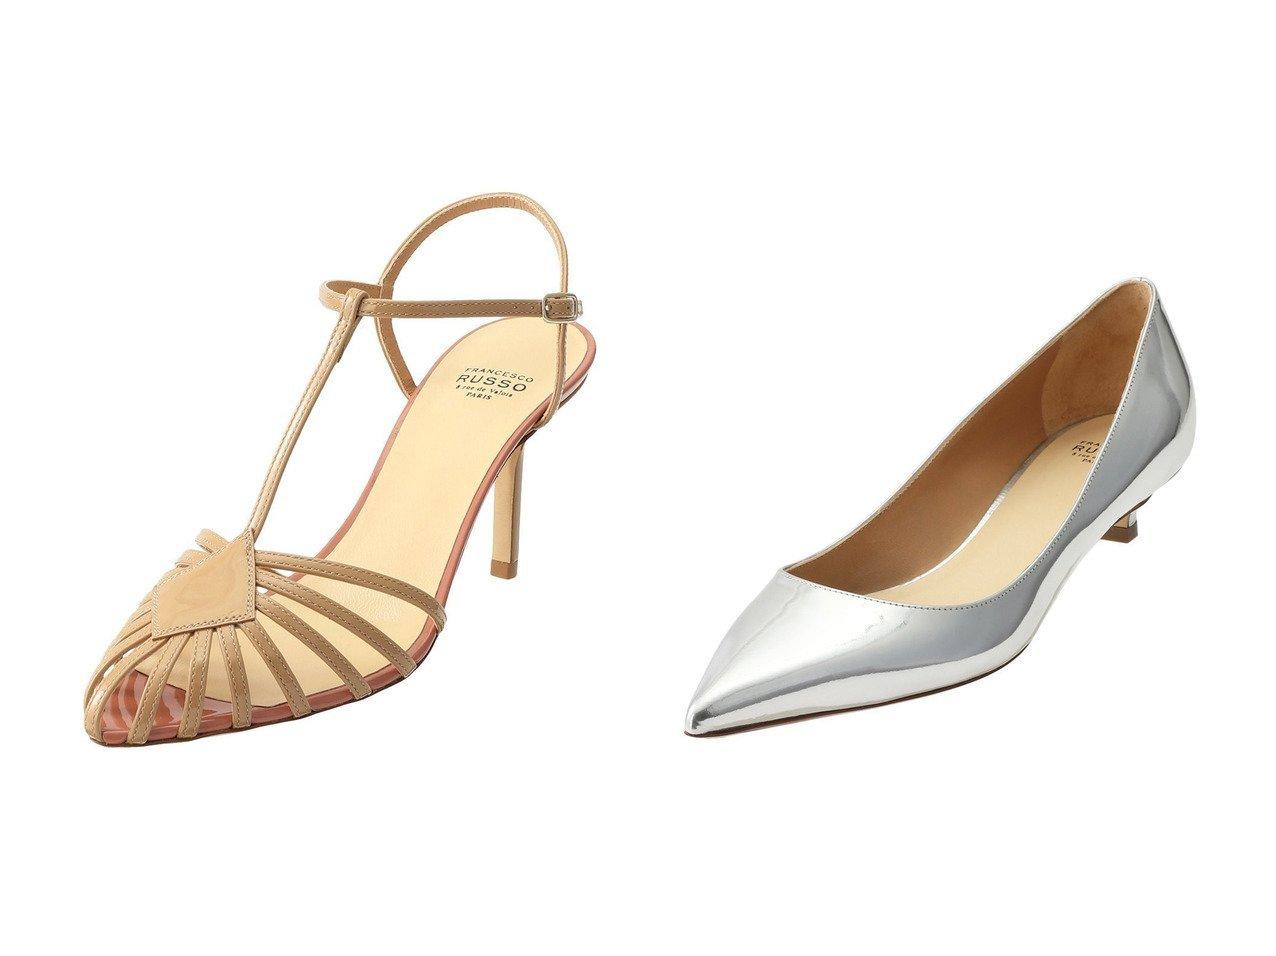 【FRANCESCO RUSSO/フランセスコルッソ 】のTストラップケージサンダル&ミラーレザーパンプス シューズ・靴のおすすめ!人気、トレンド・レディースファッションの通販 おすすめで人気の流行・トレンド、ファッションの通販商品 メンズファッション・キッズファッション・インテリア・家具・レディースファッション・服の通販 founy(ファニー) https://founy.com/ ファッション Fashion レディースファッション WOMEN 2021年 2021 2021 春夏 S/S SS Spring/Summer 2021 S/S 春夏 SS Spring/Summer なめらか サンダル ラップ 春 Spring |ID:crp329100000015319